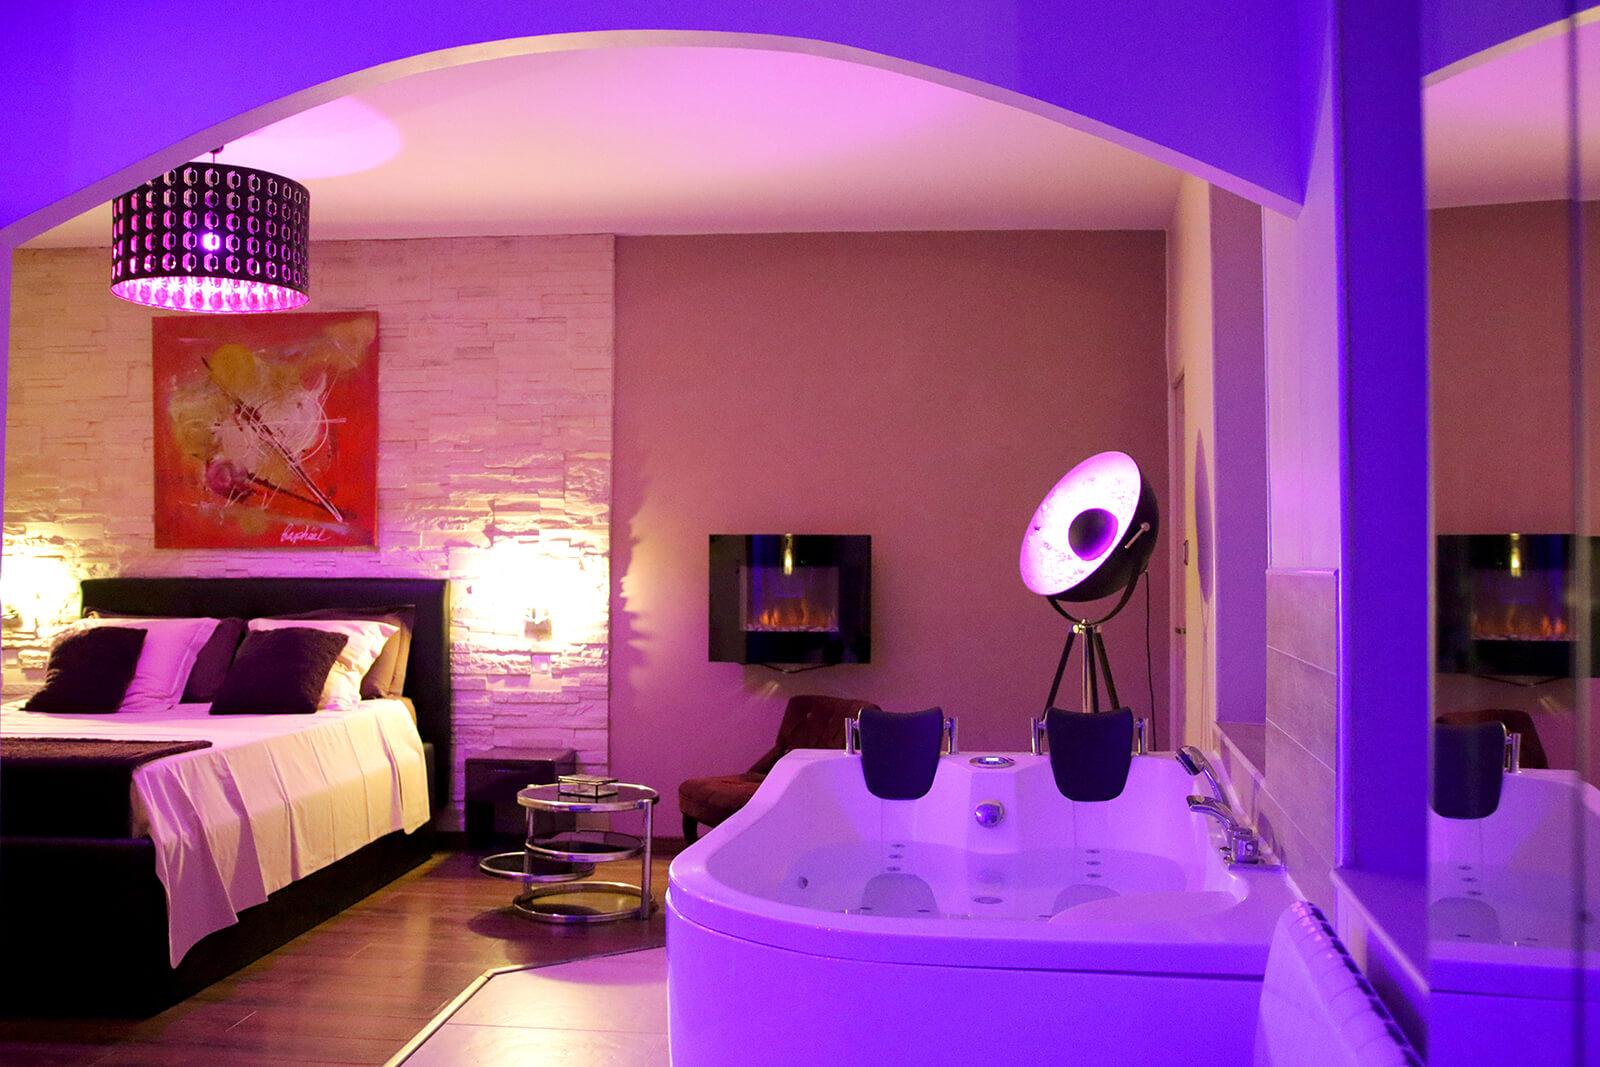 Espace détente avec canapé tantra exclusif et spa dans la Suite Romantique et spa votre appartement tous confort en Location privée APPART SPA 21 de Dijon votre appartement privé de luxe avec spa et sauna